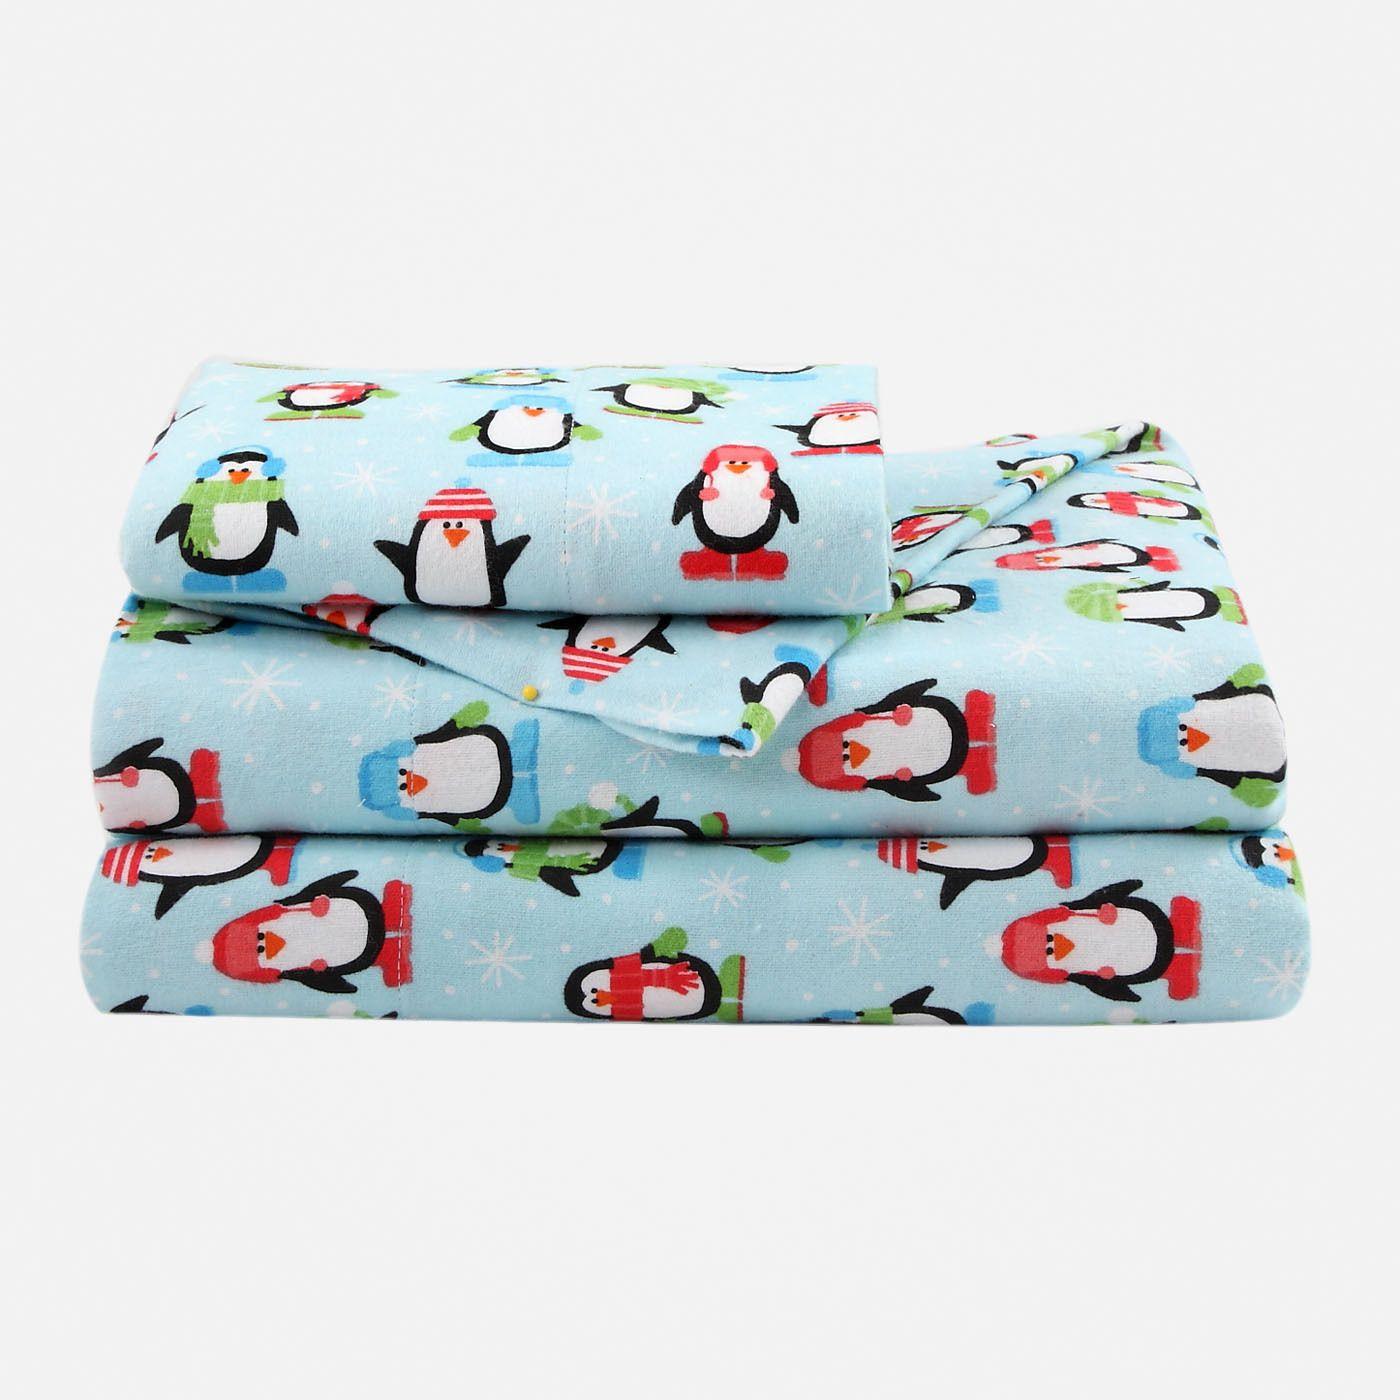 19 99 Shopko Flannel Fleece Studio A Flannel Sheet Set